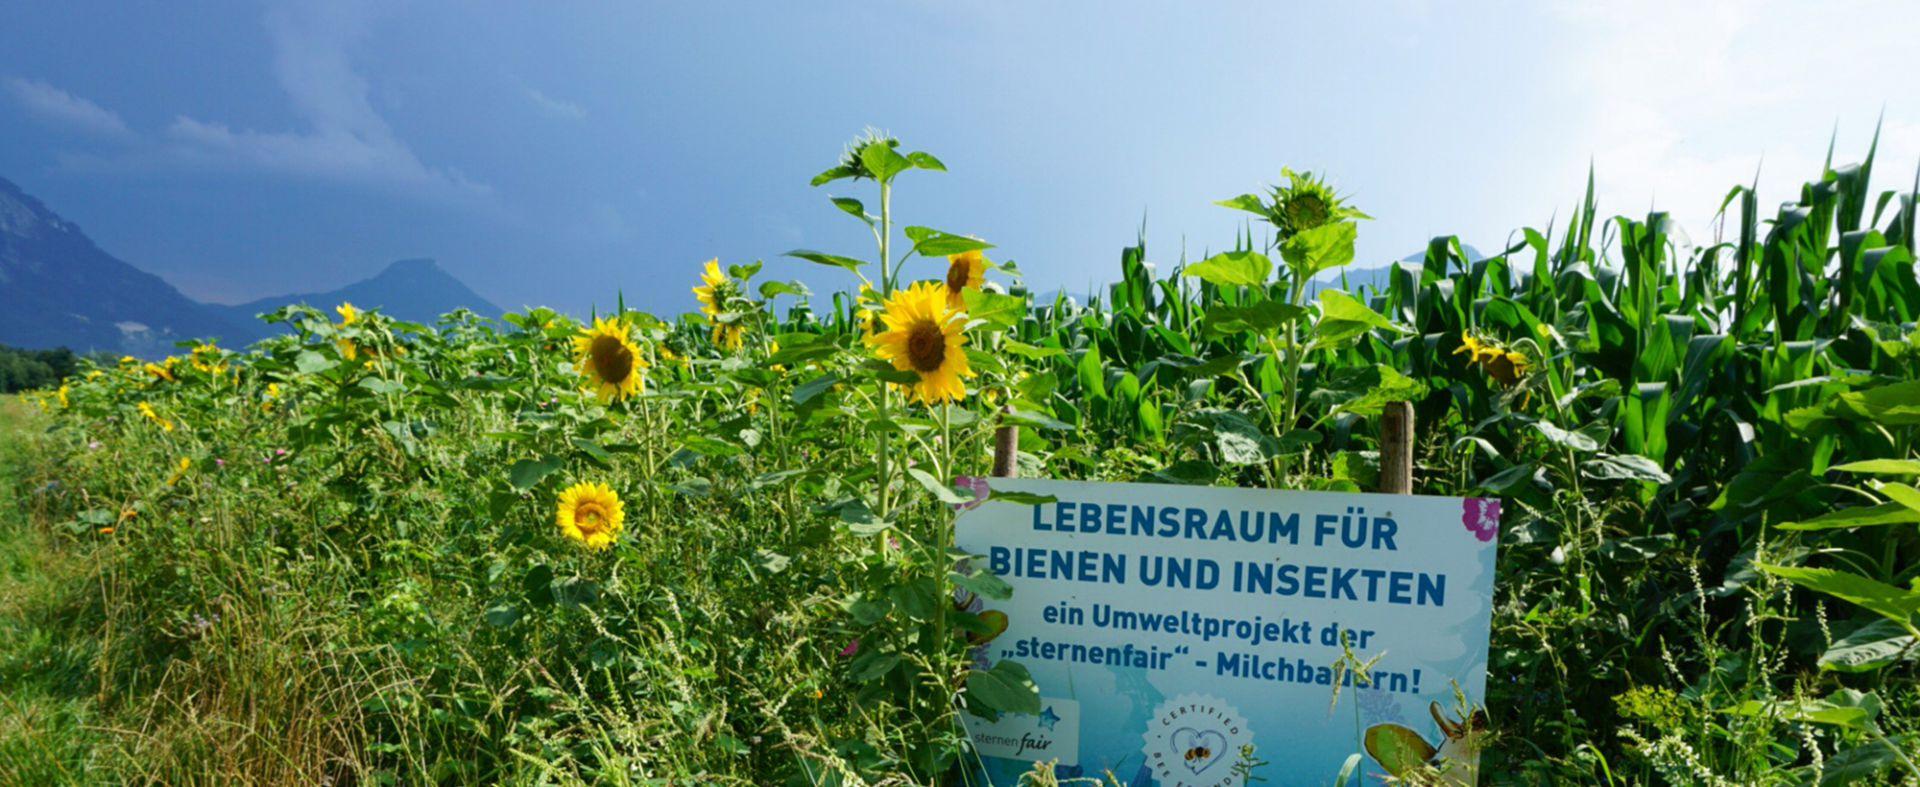 O-ZEN Portfolio Milchcafe Radermacher Feld mit Sonnenblumen und Schield Umweltprojekt Sternenfair